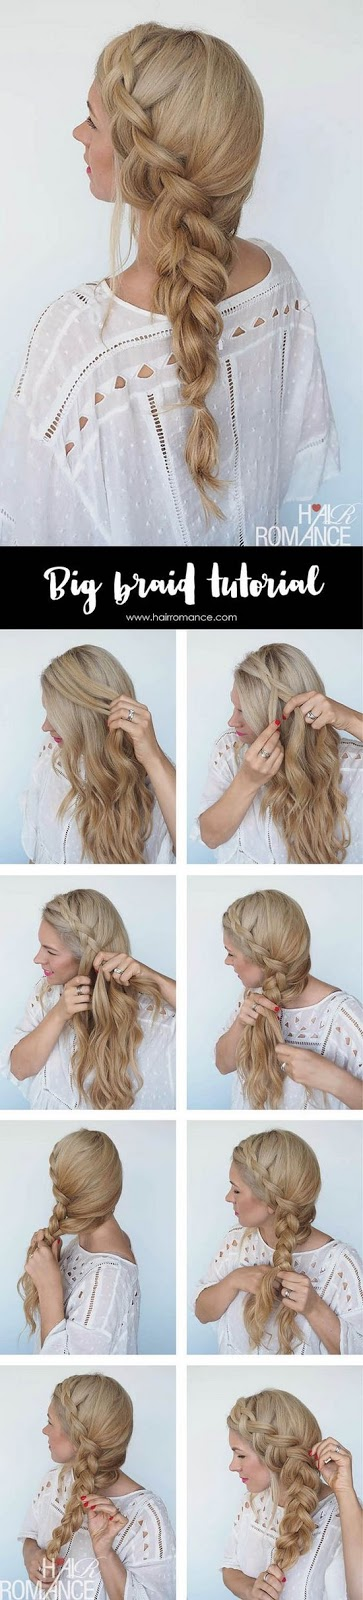 Los Mejores Peinados Sencillos Paso A Paso Peinados Fáciles